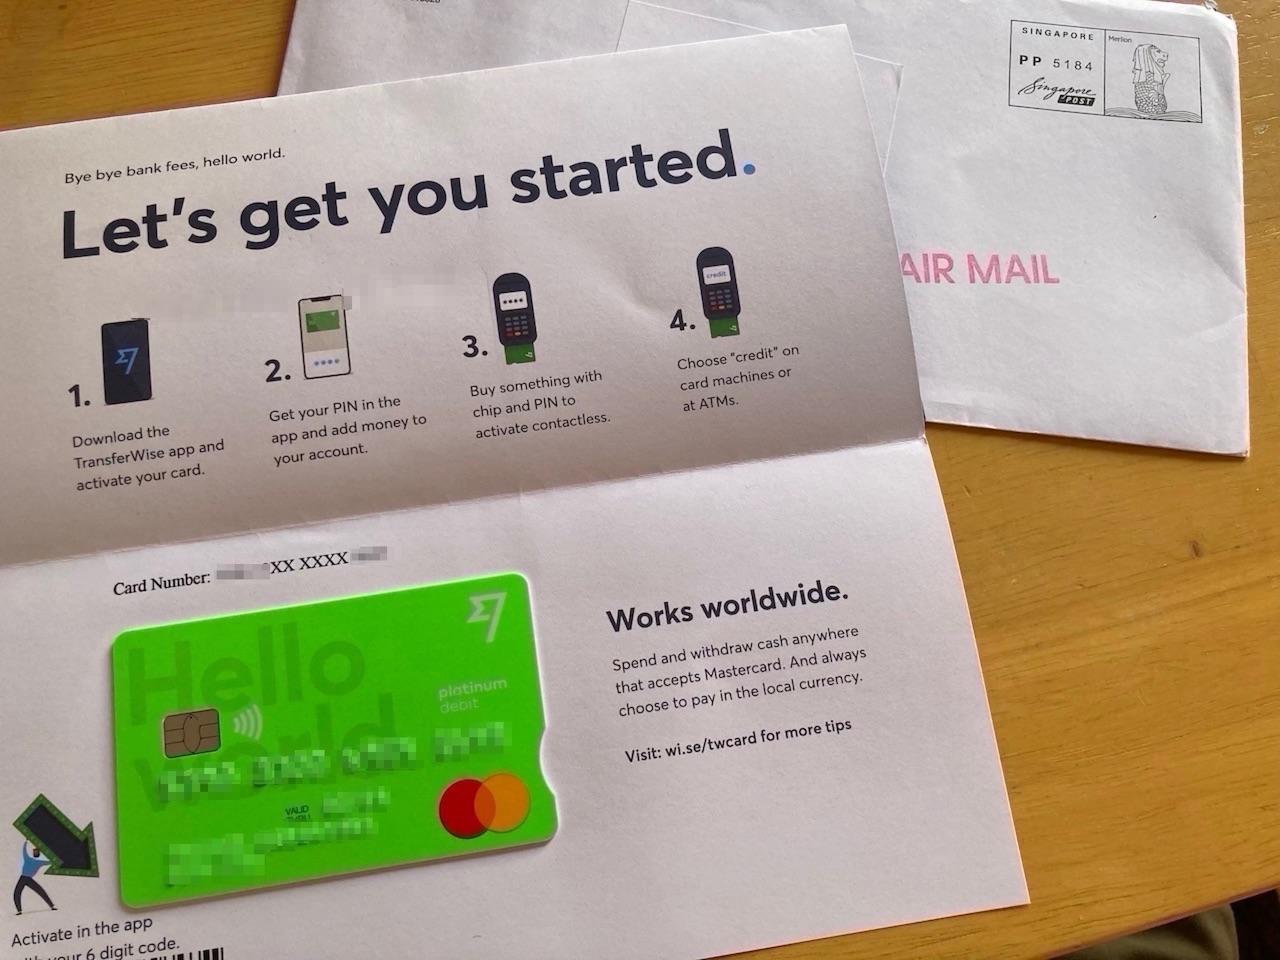 Wiseデビットカードをアクティベート